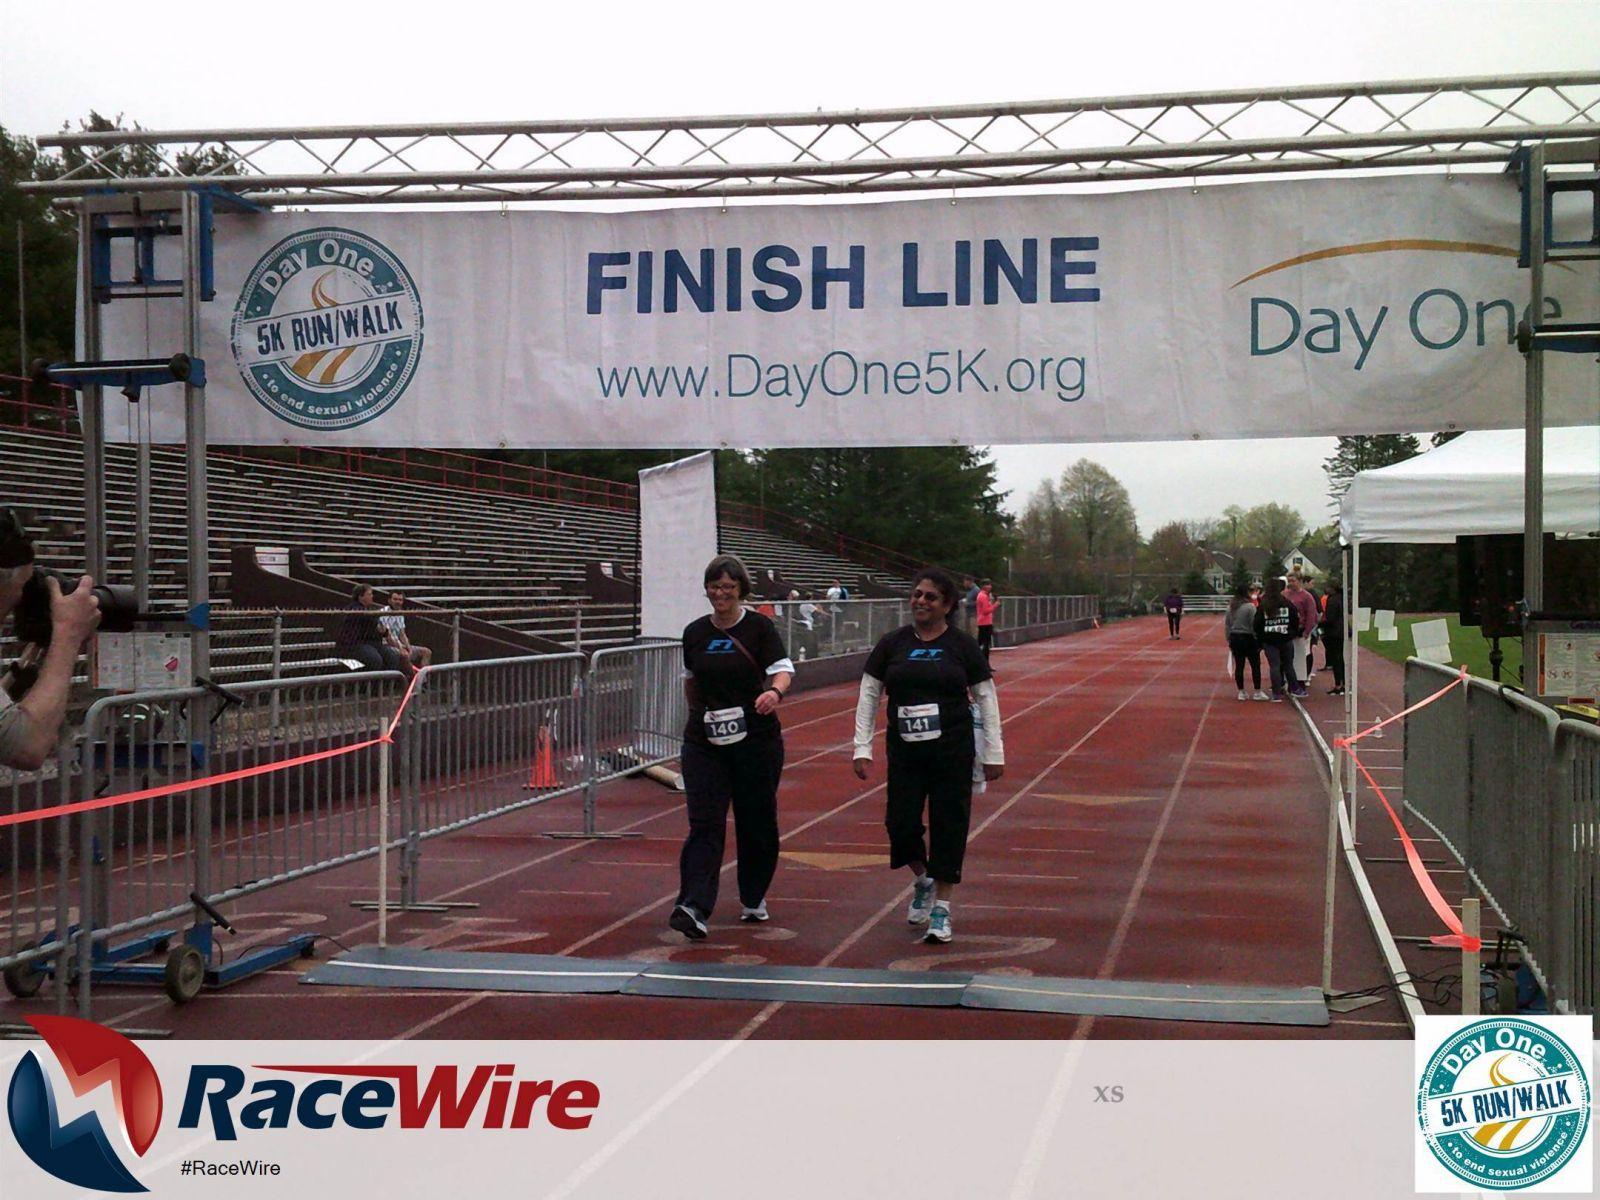 Two women walking across finish line